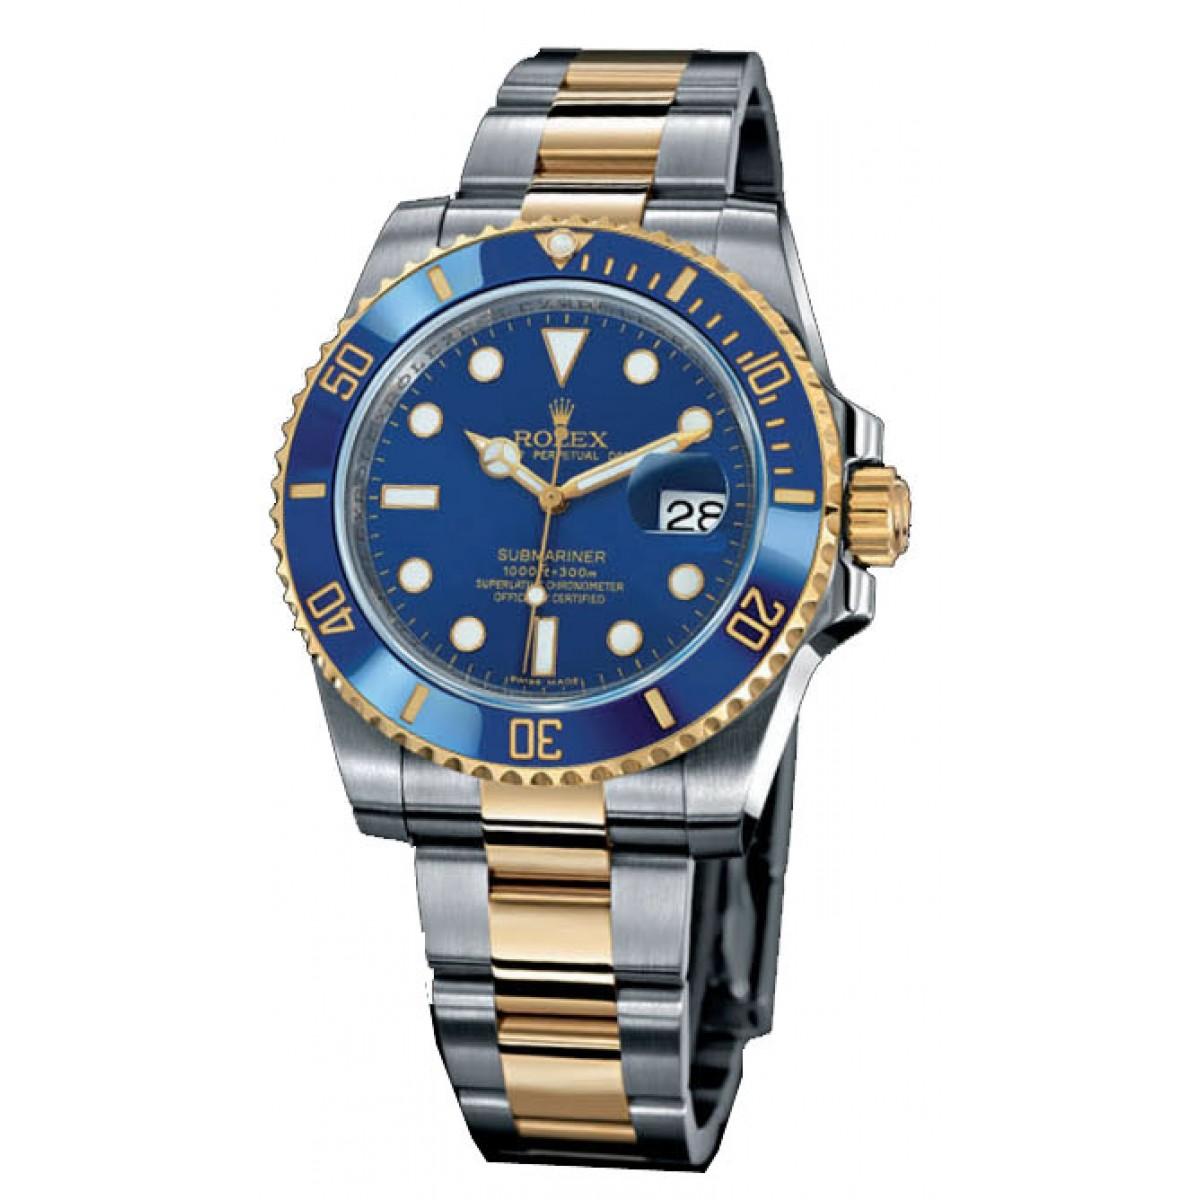 e725730f736 Relogio Réplica Rolex Submariner Blue Gold